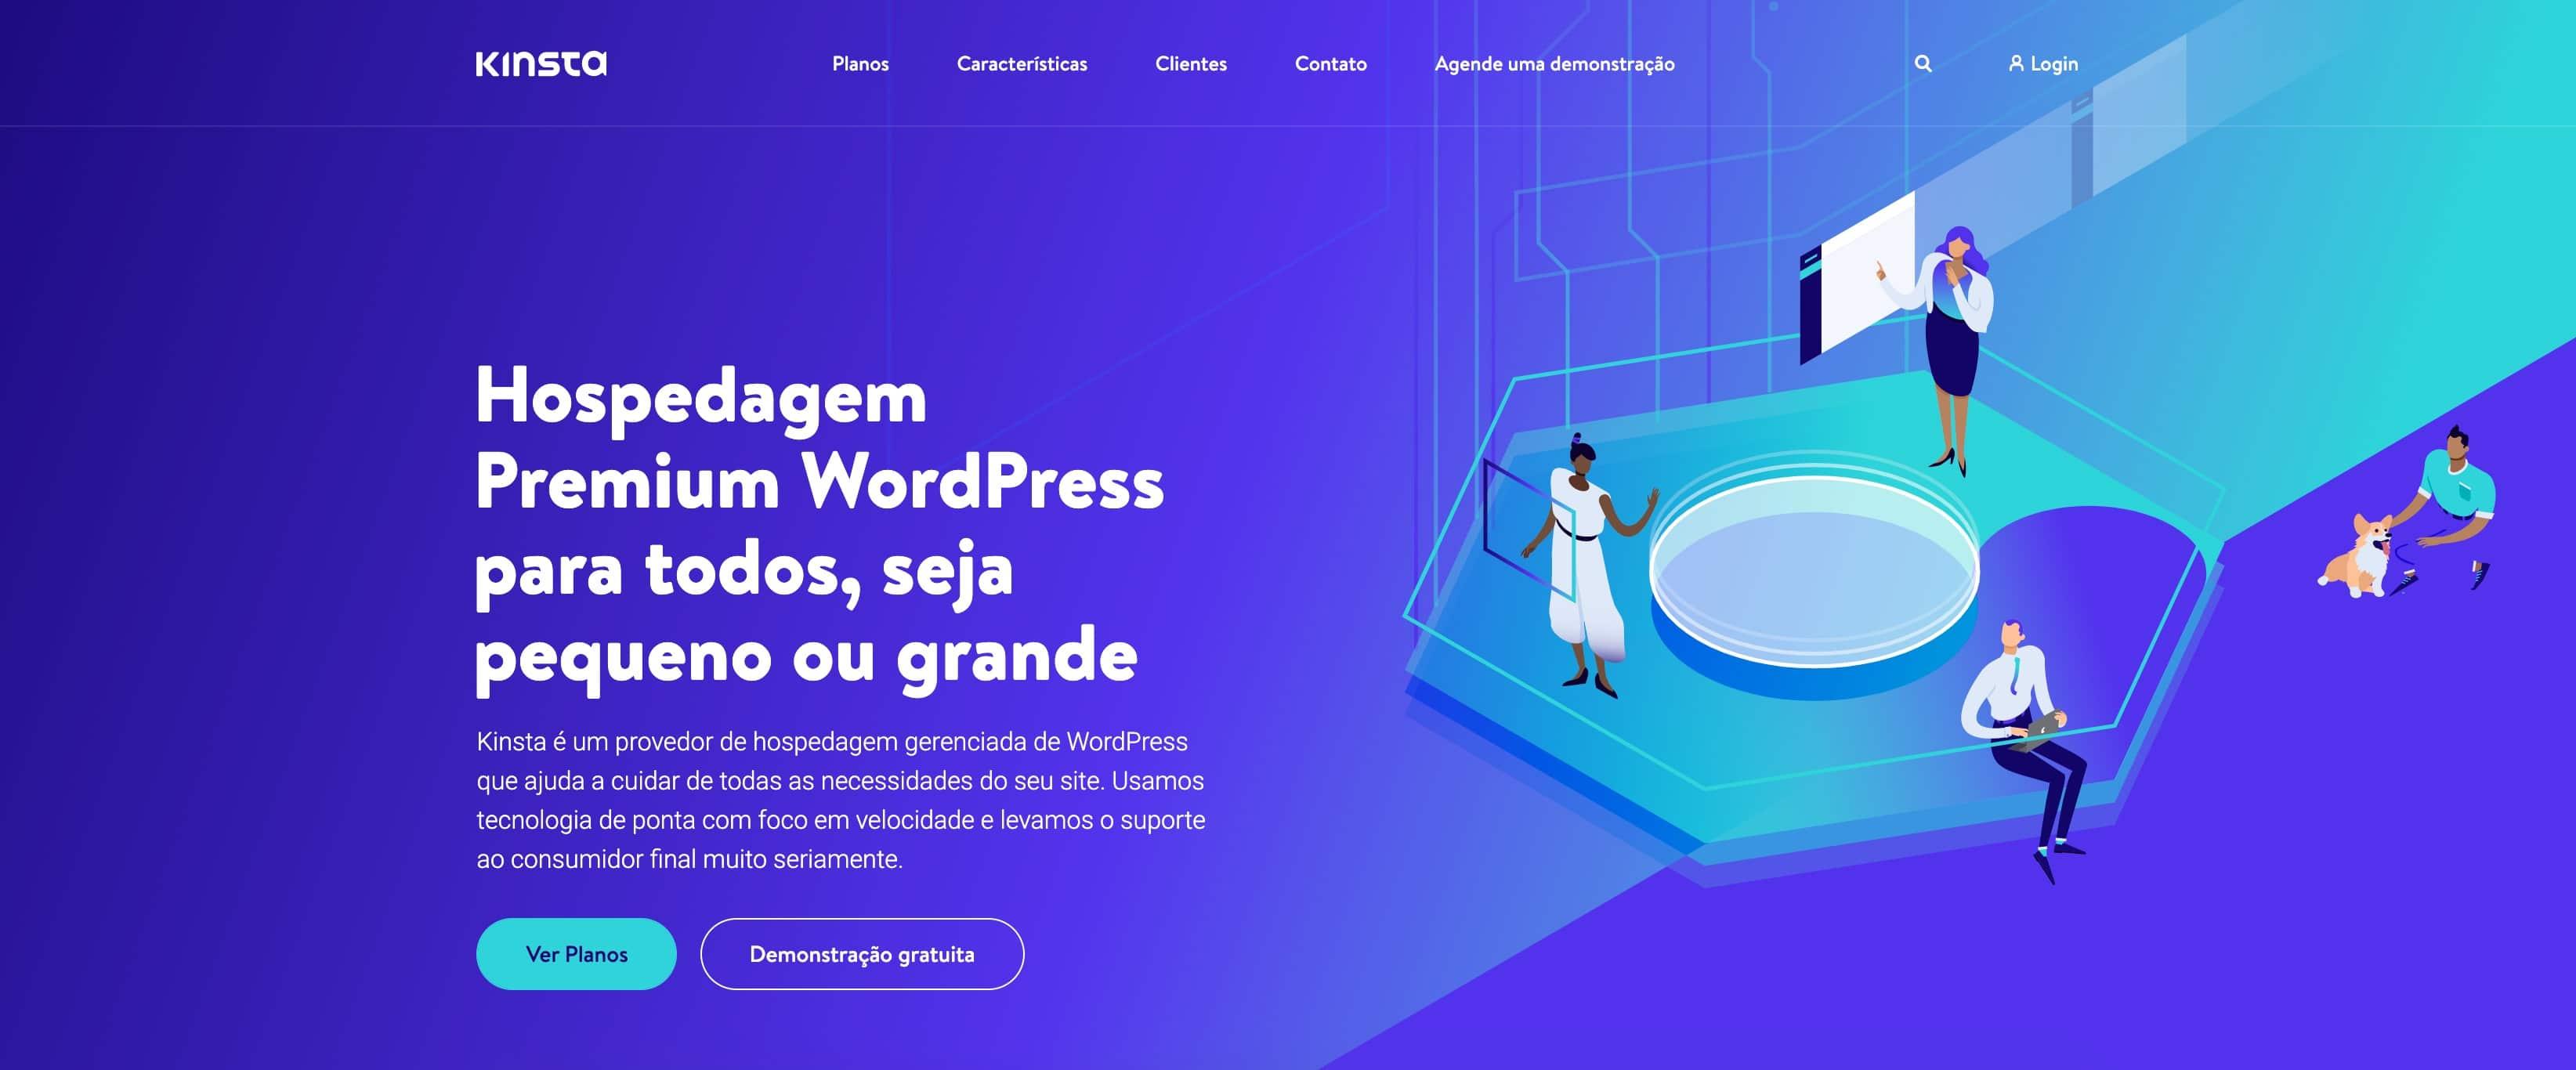 La página de inicio de Kinsta en Portugués